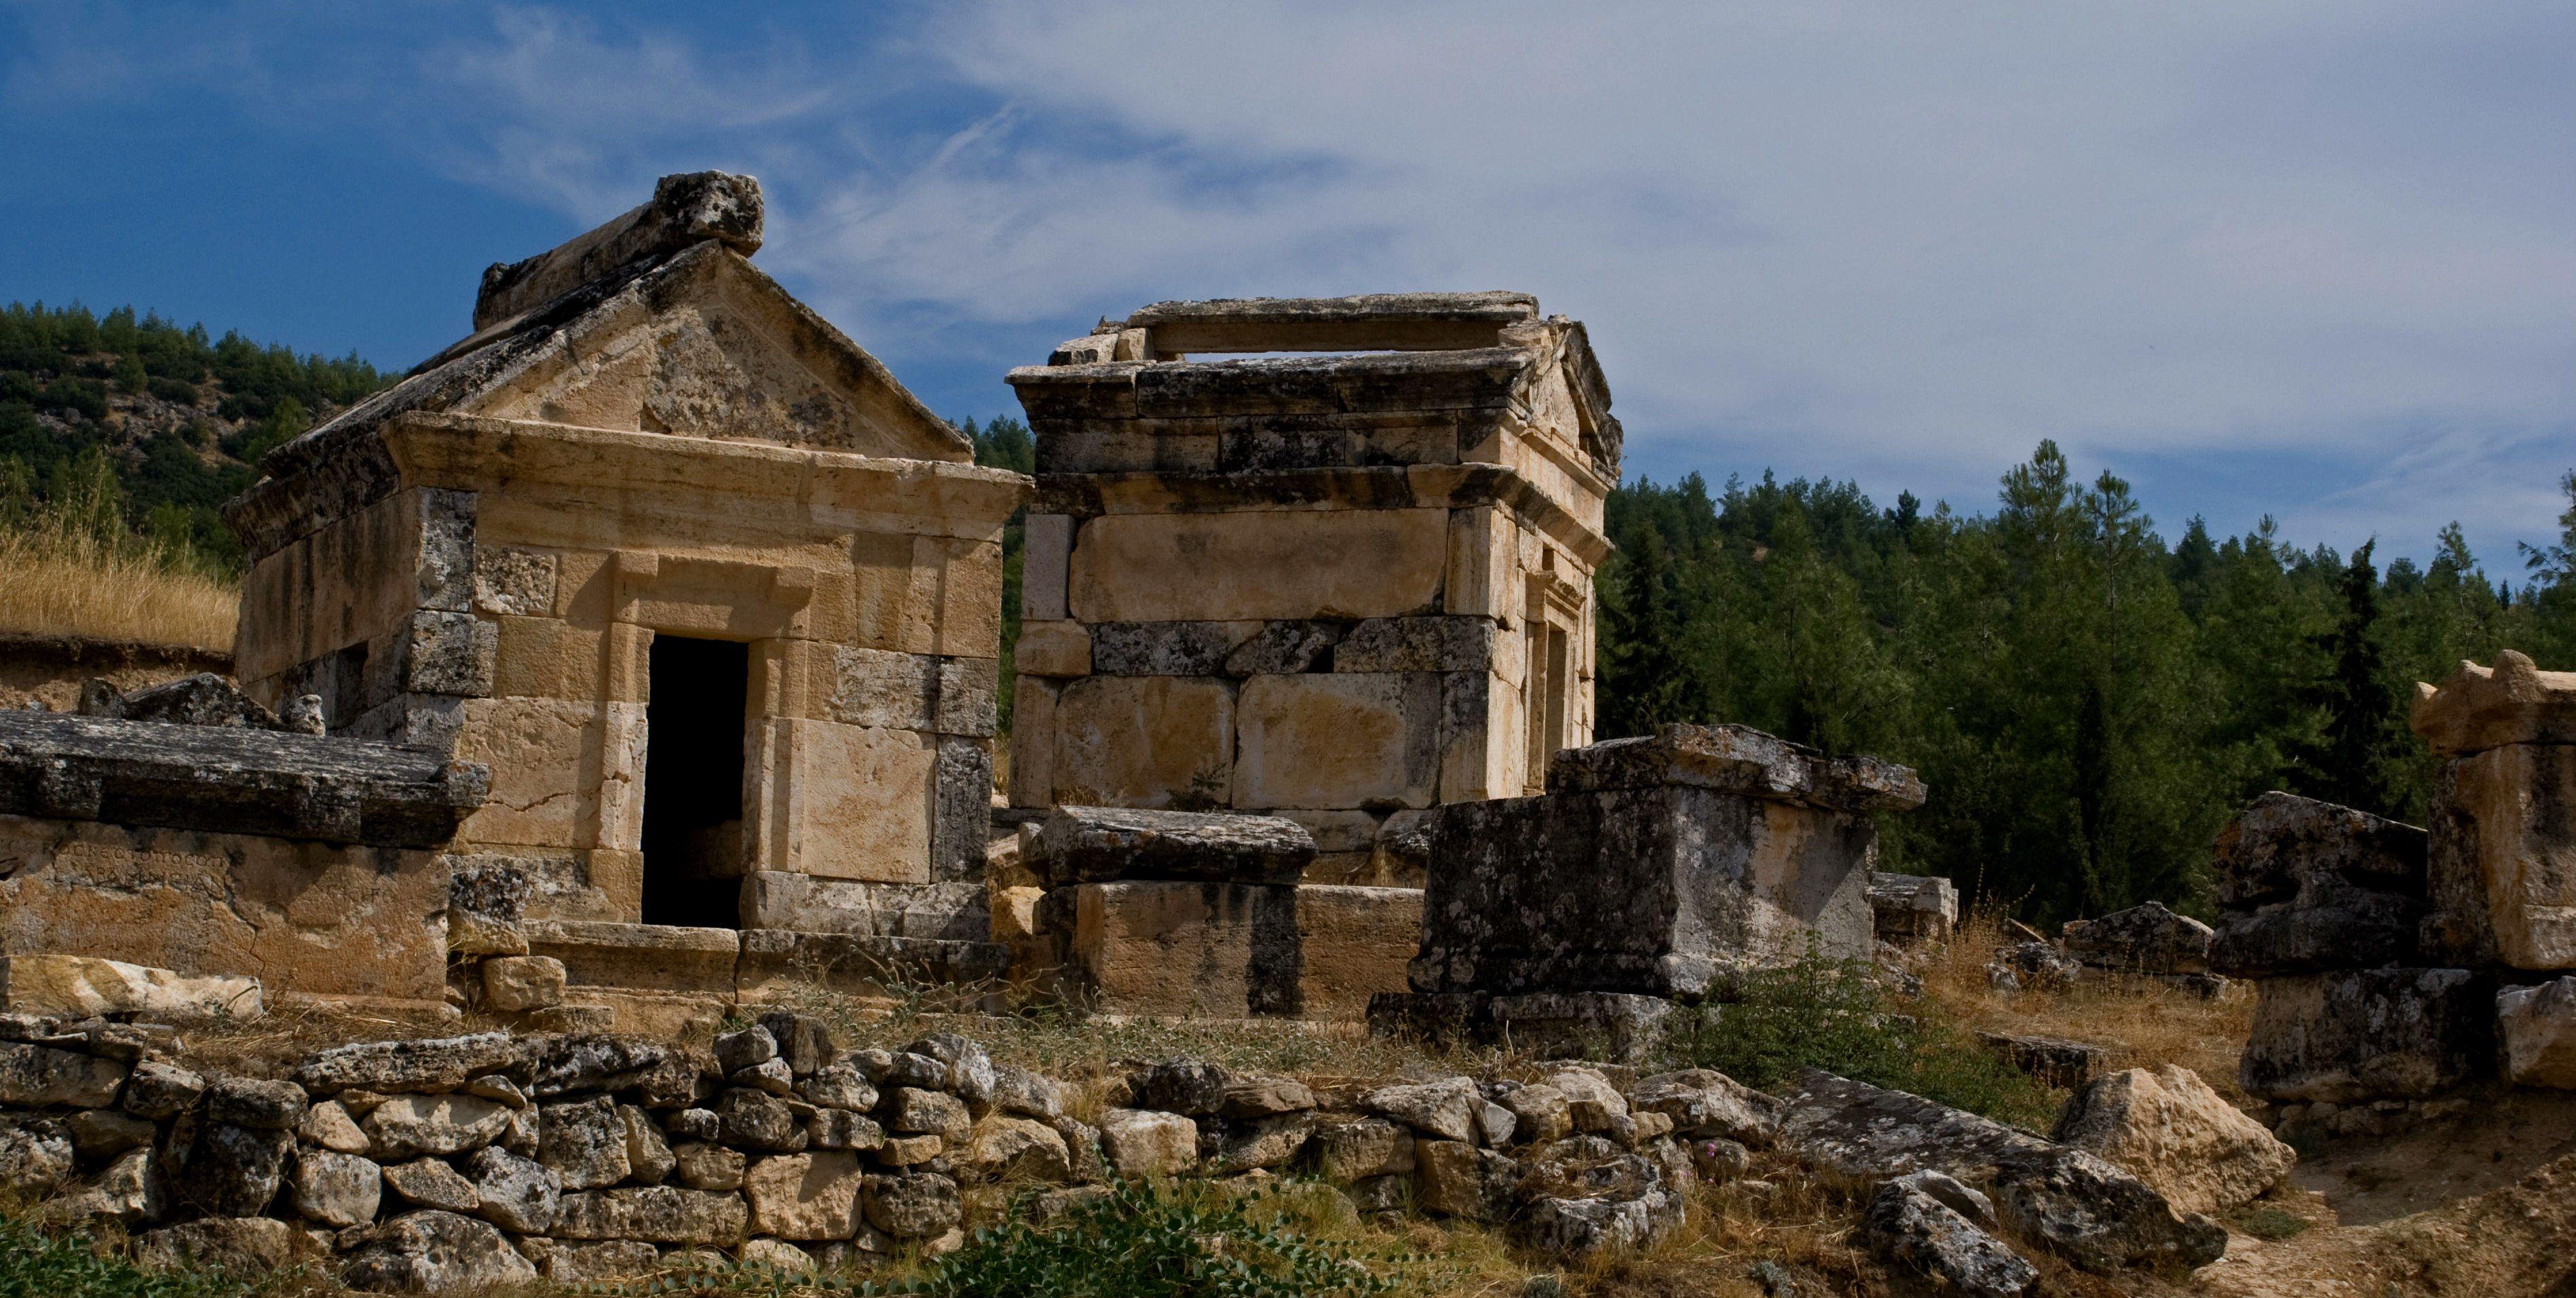 Туреччина, грецьке місто Ієраполіс, руїни_2